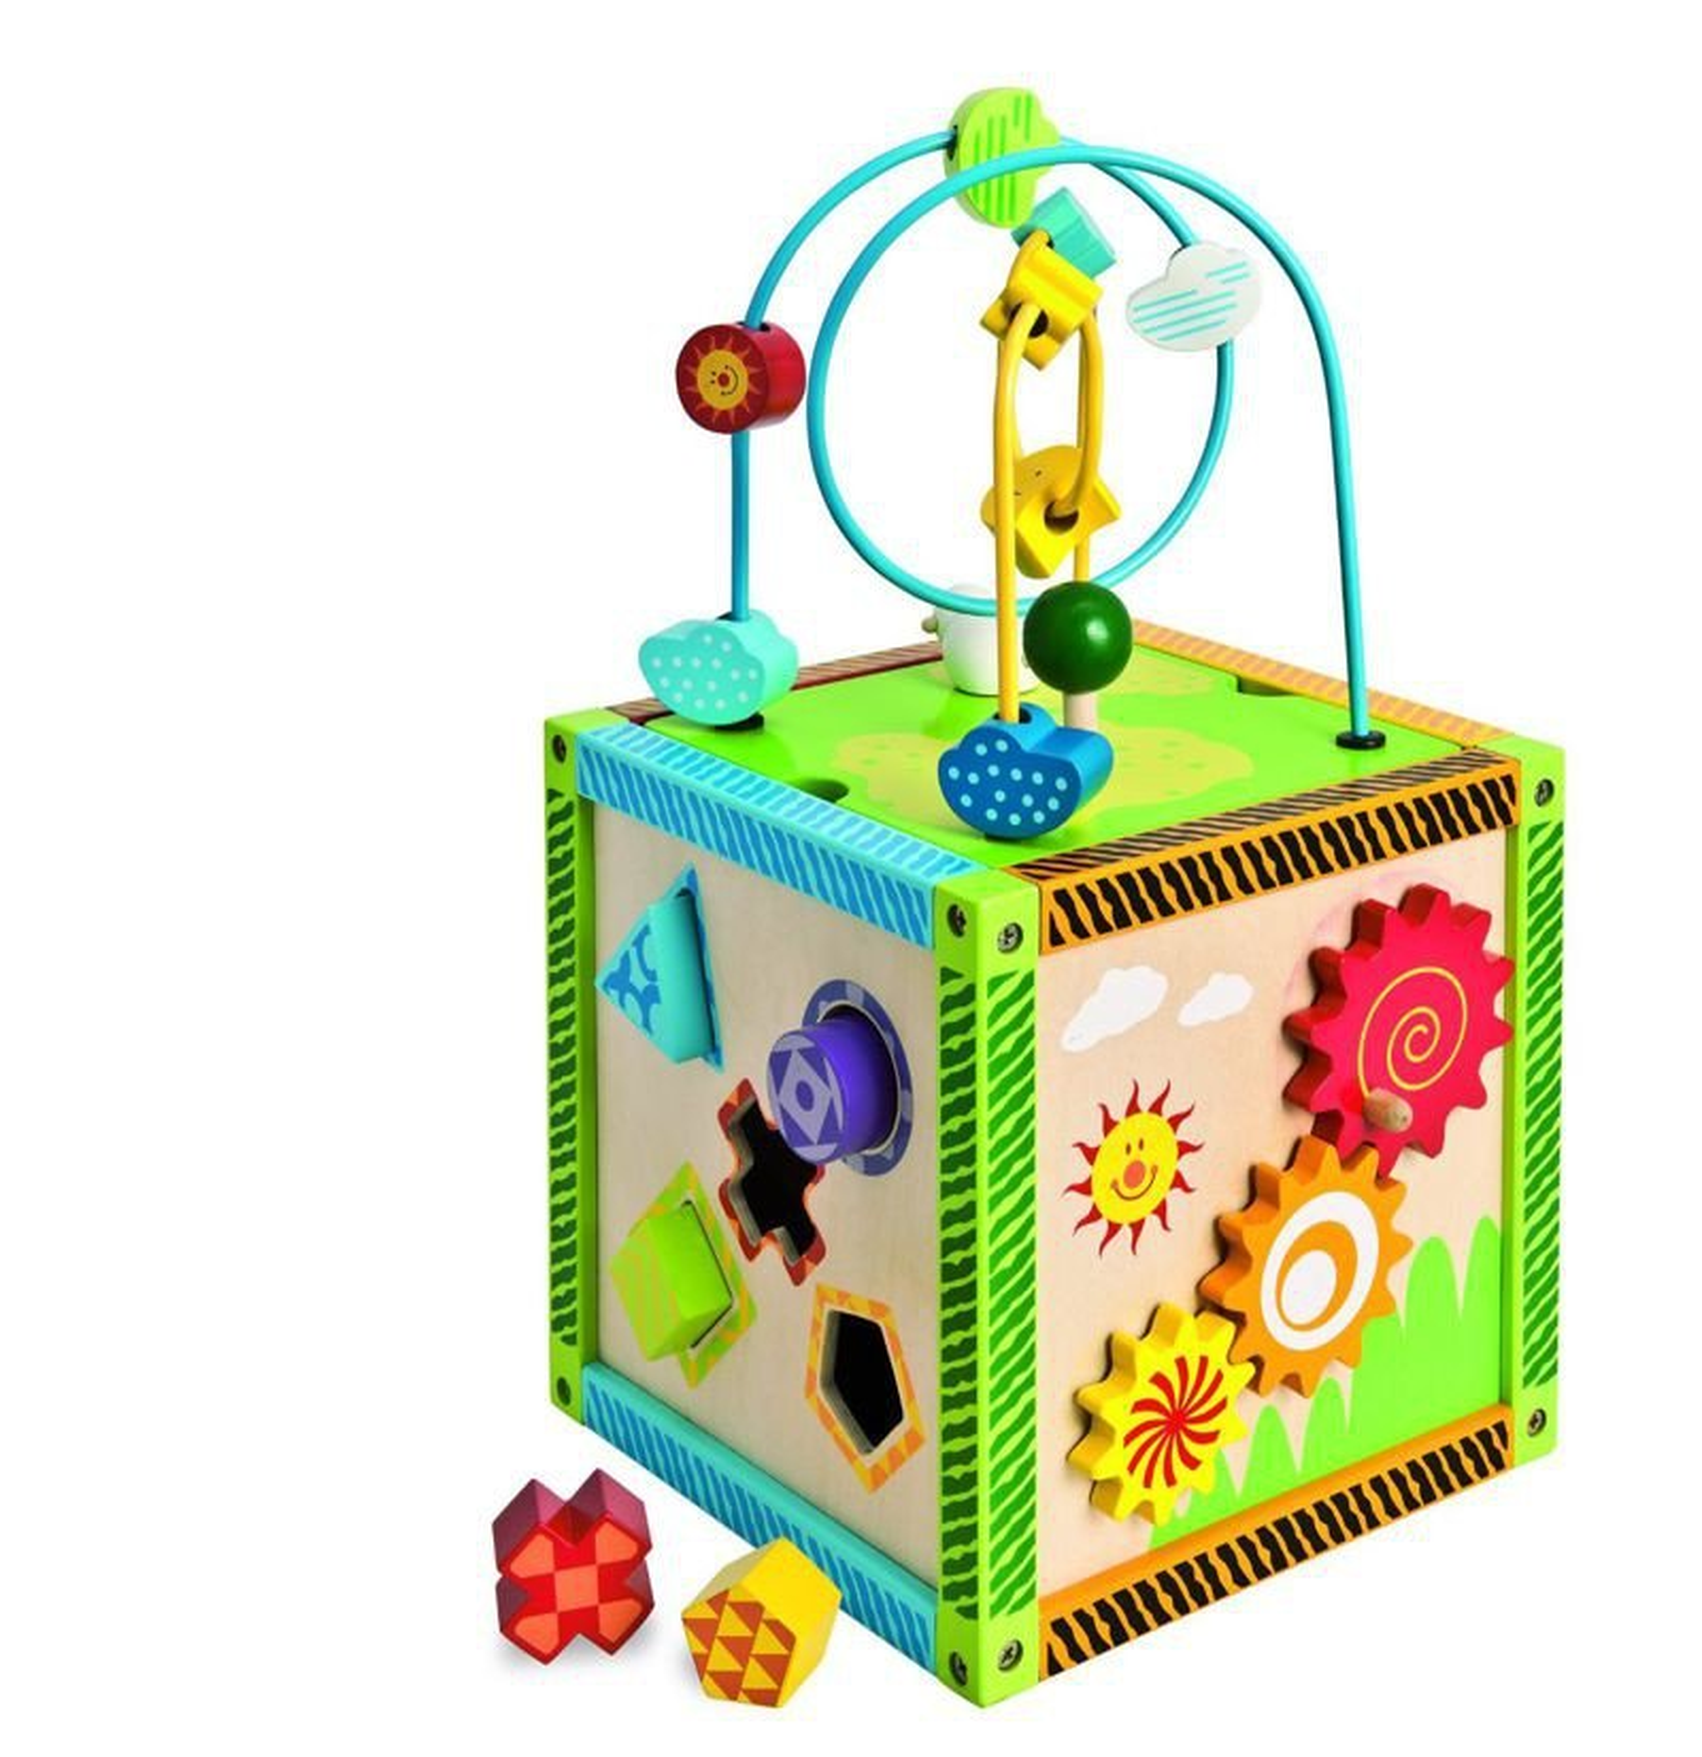 Eichhorn 100002235 Drewniana kostka edukacyjna  Zabawki   # Eichhorn Kuchnia Dla Dzieci